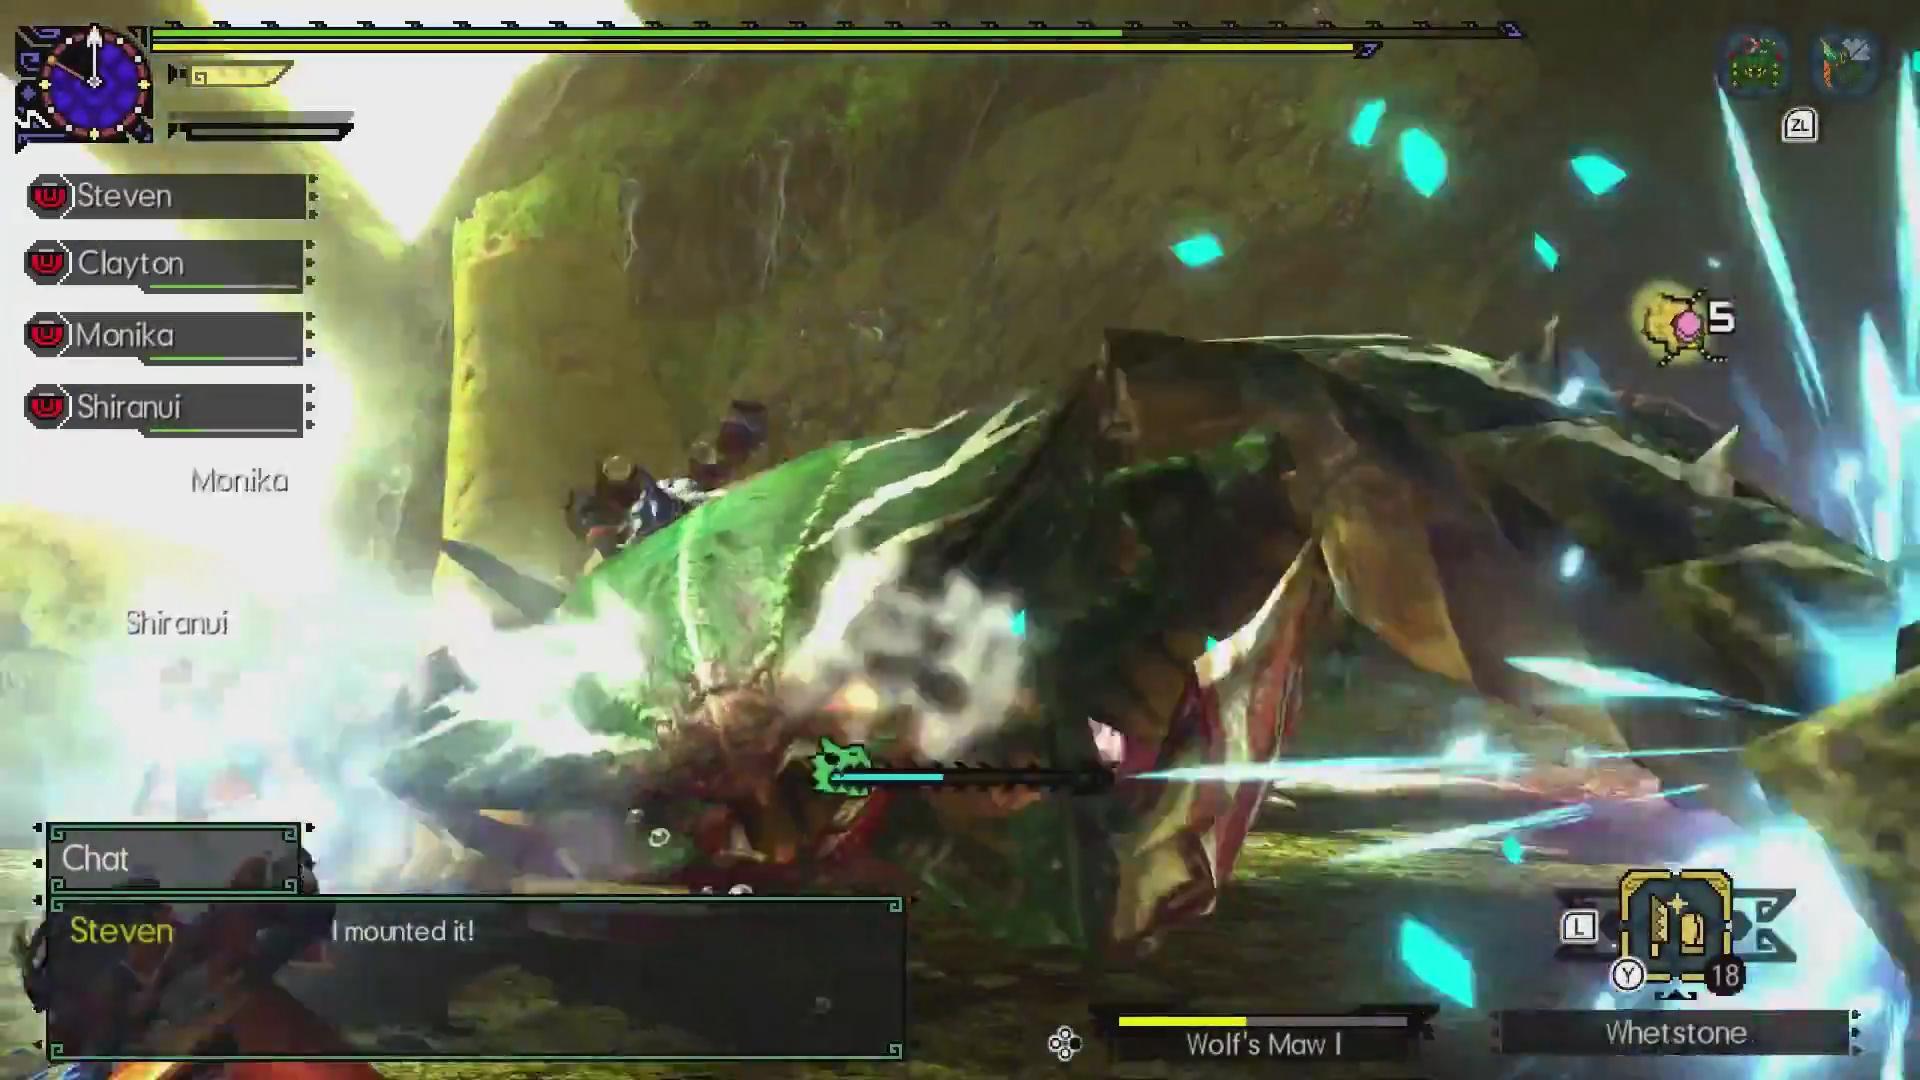 《怪物猎人GU》Switch版 IGN 8.3分 令人印象深刻